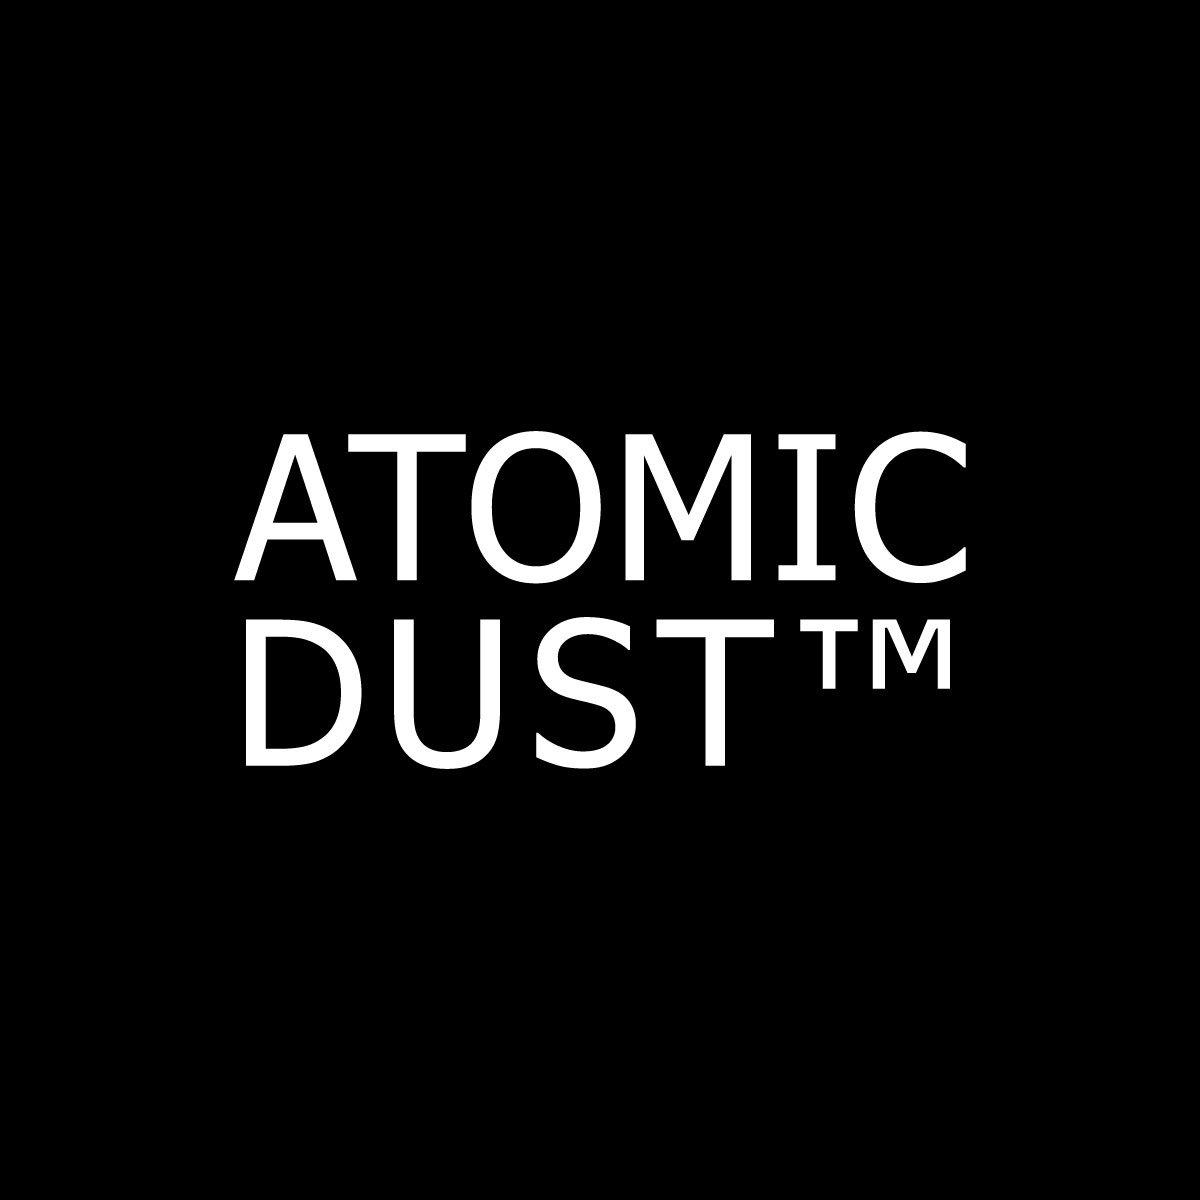 AtomicDust logo